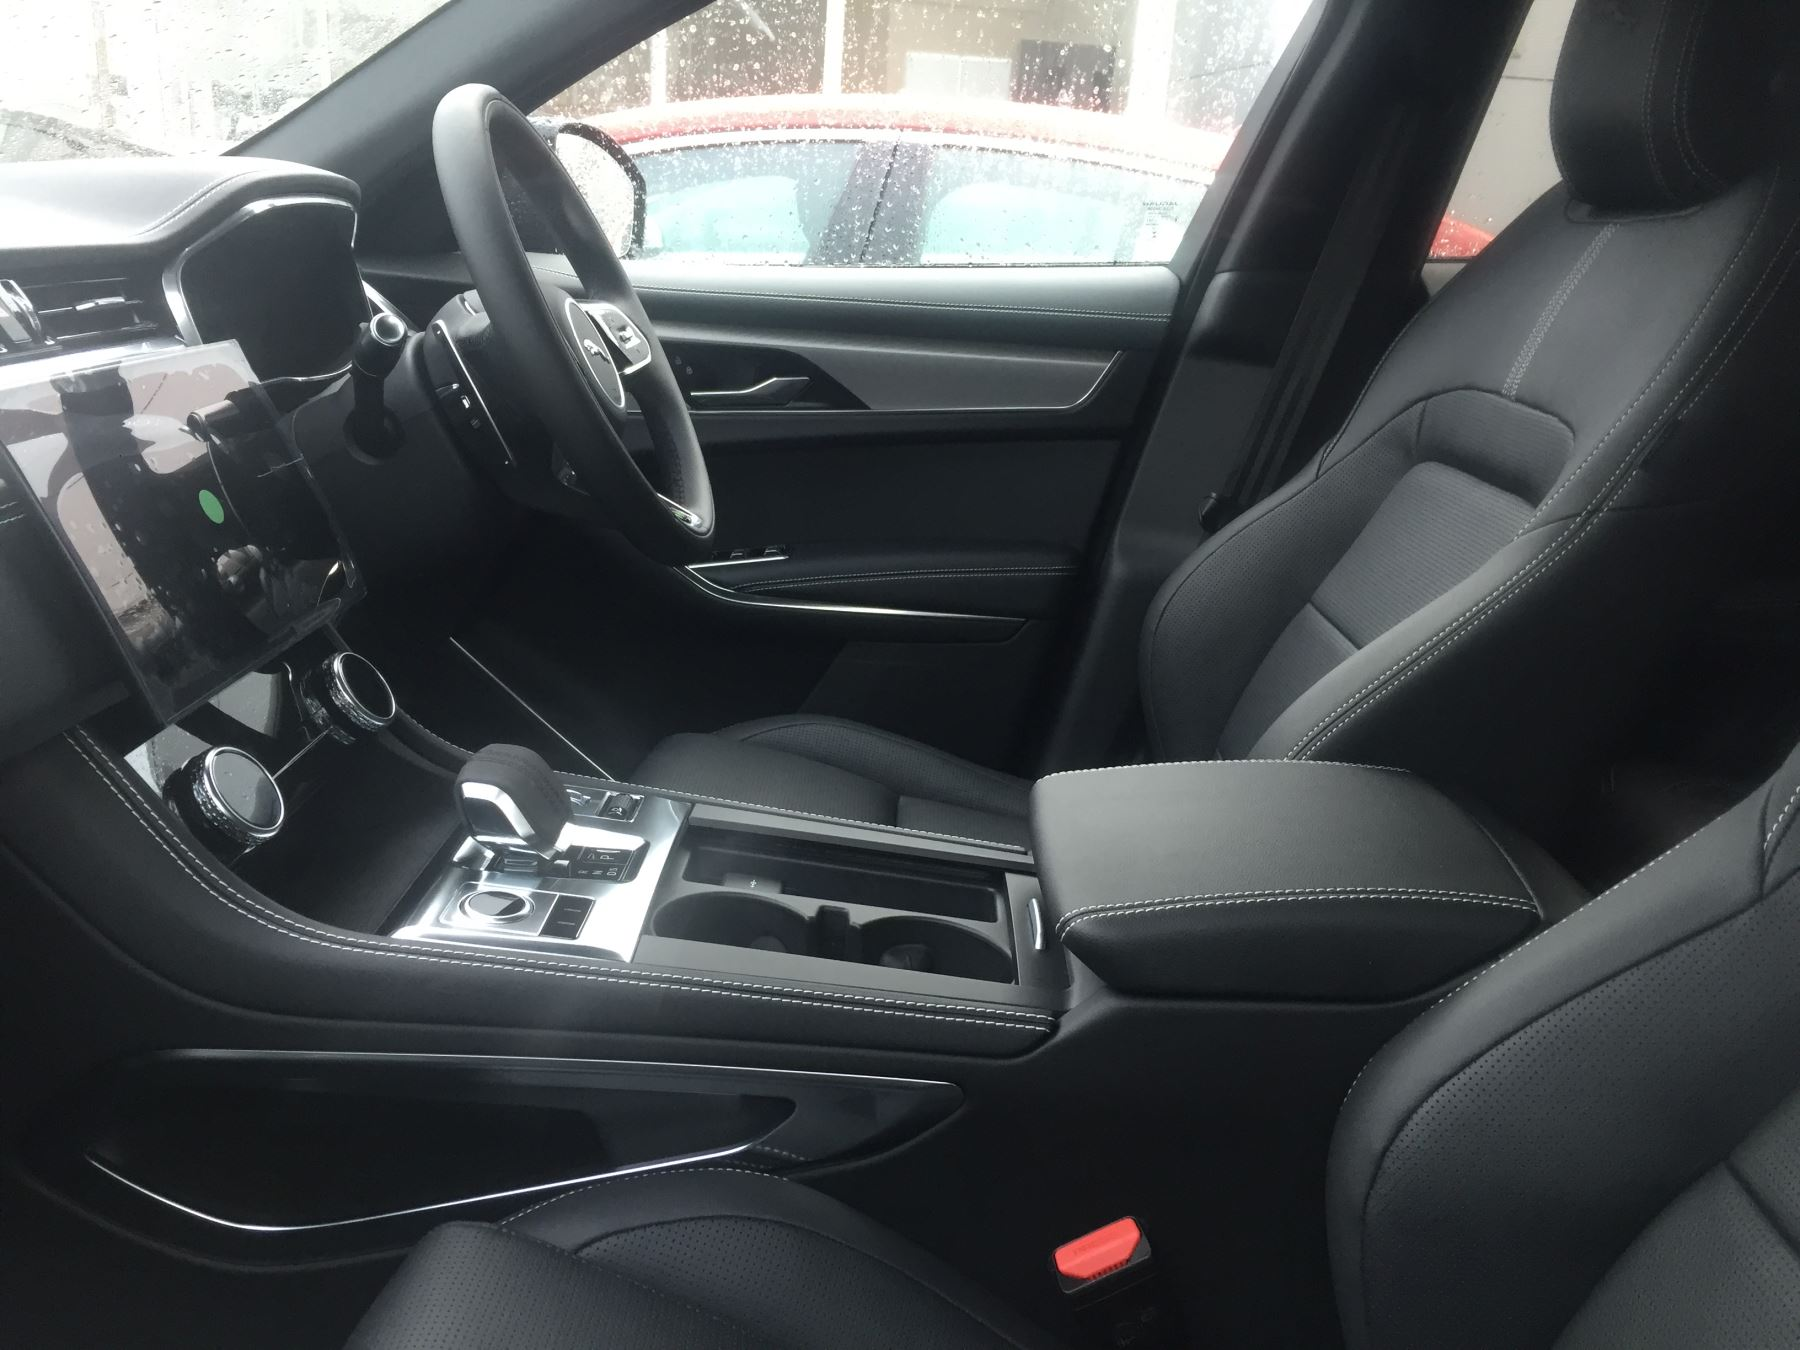 Jaguar F-PACE 2.0 D200 R-Dynamic S AWD image 3